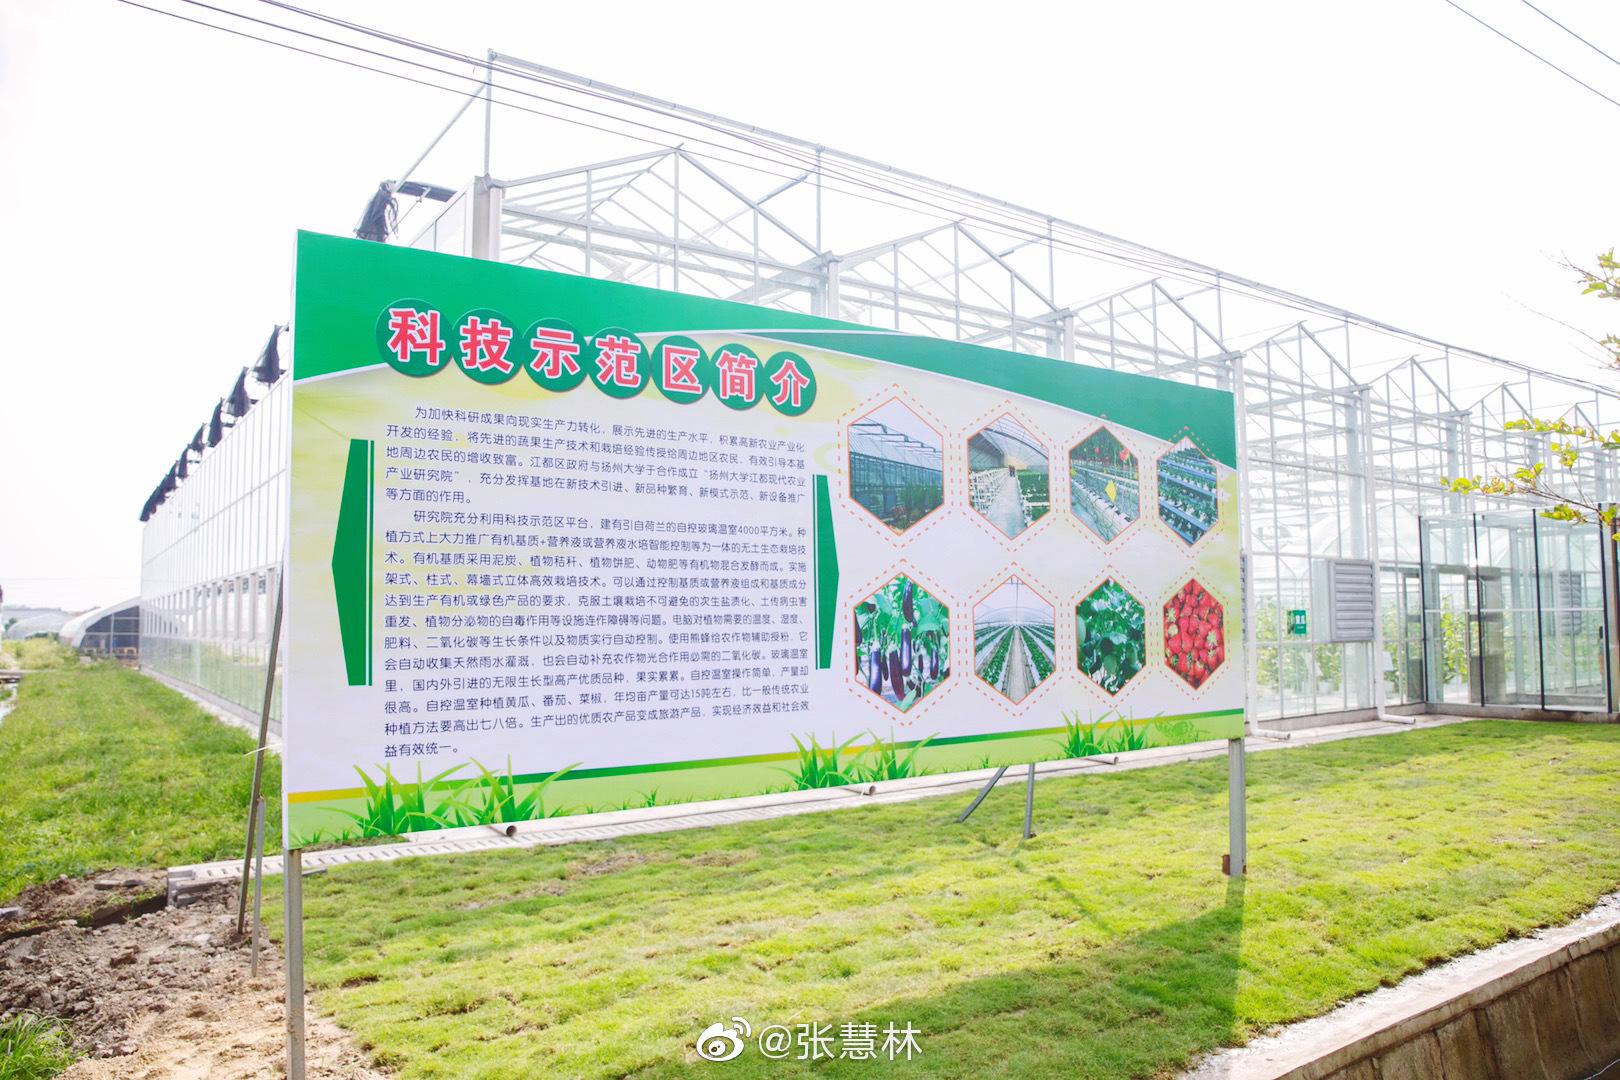 扬州市江都区吴桥镇现代农业产业园